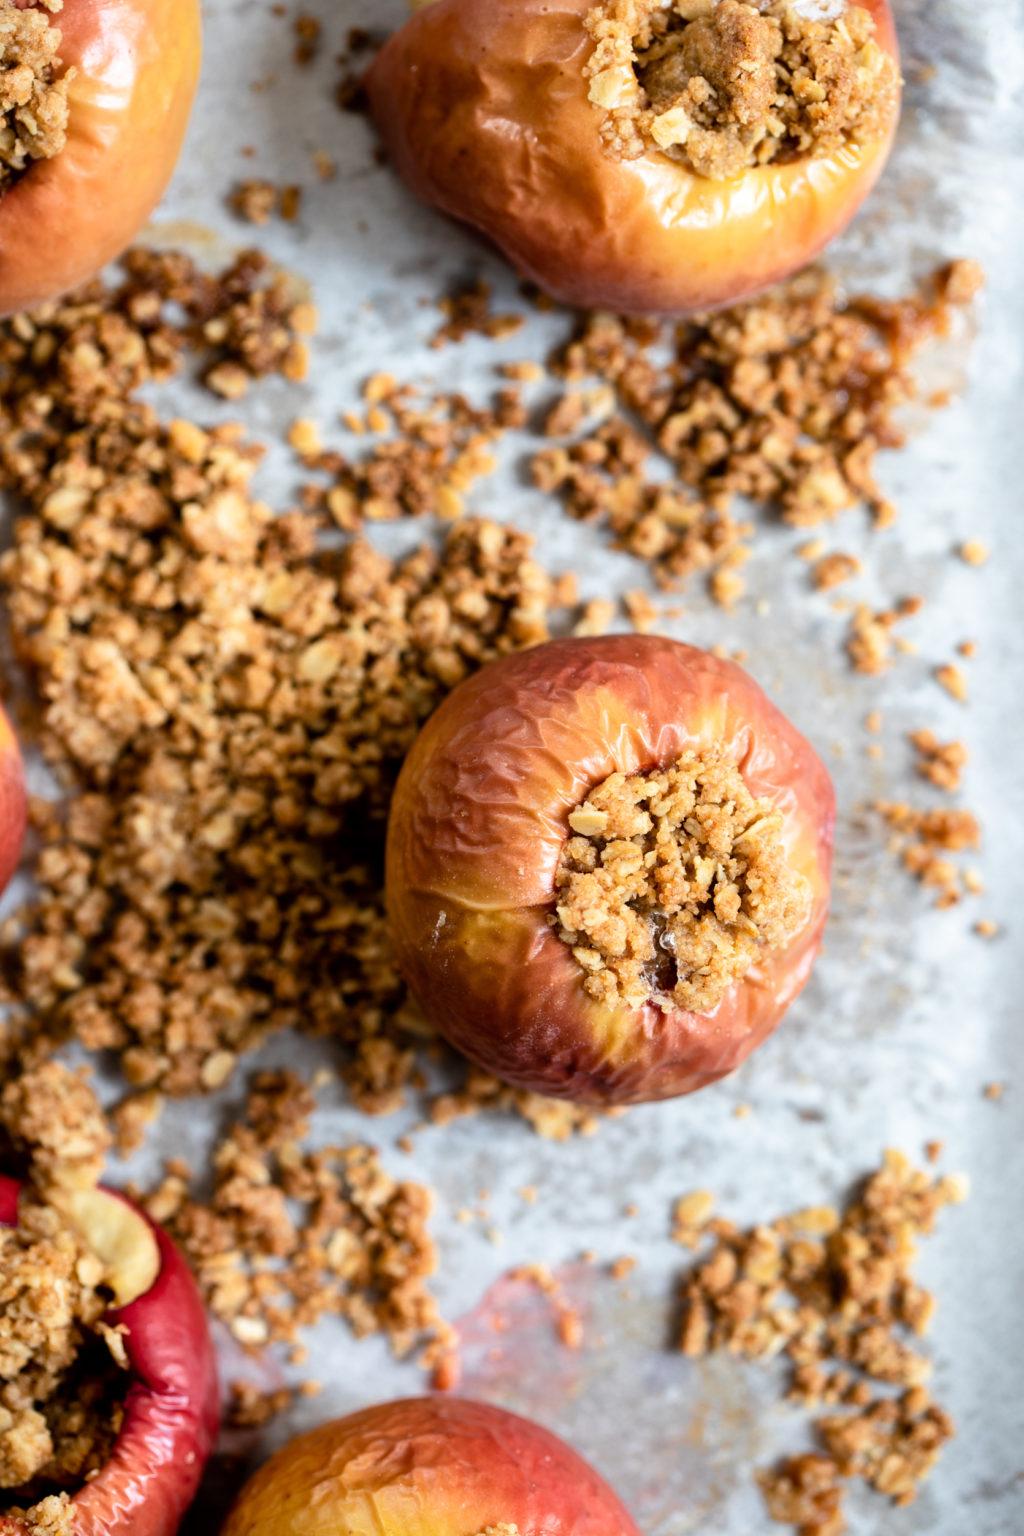 Una fotografía aérea de manzanas horneadas y rellenas, que aún descansan sobre una bandeja para hornear forrada de pergamino.